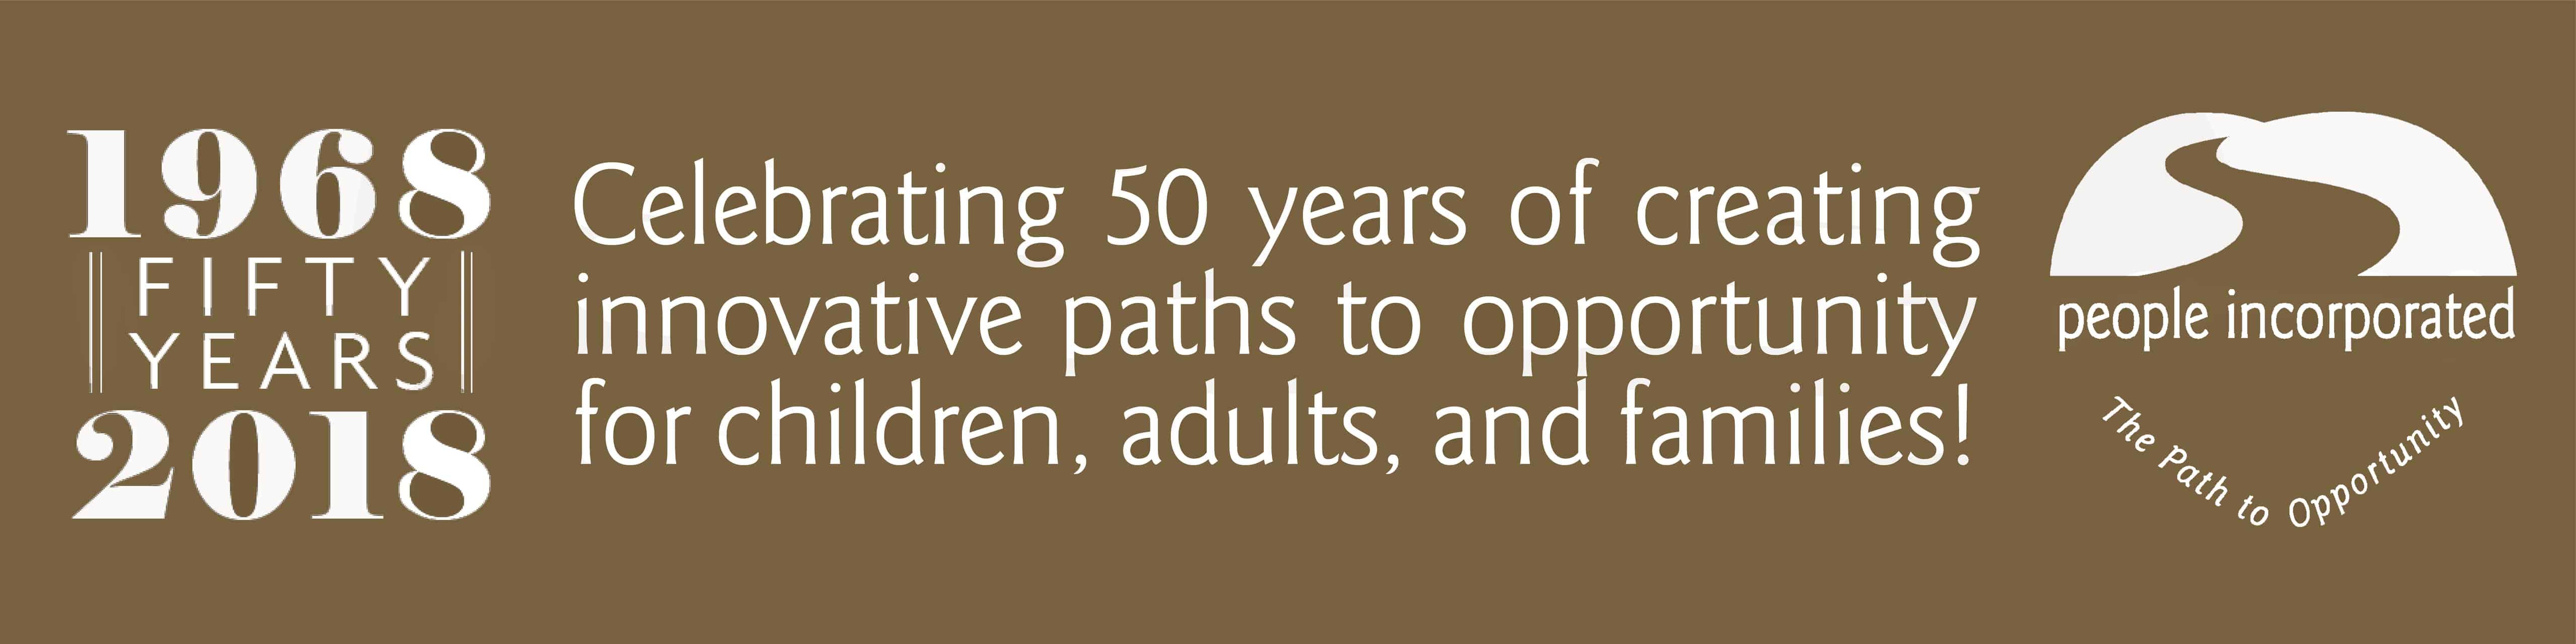 50 year anniversary promo